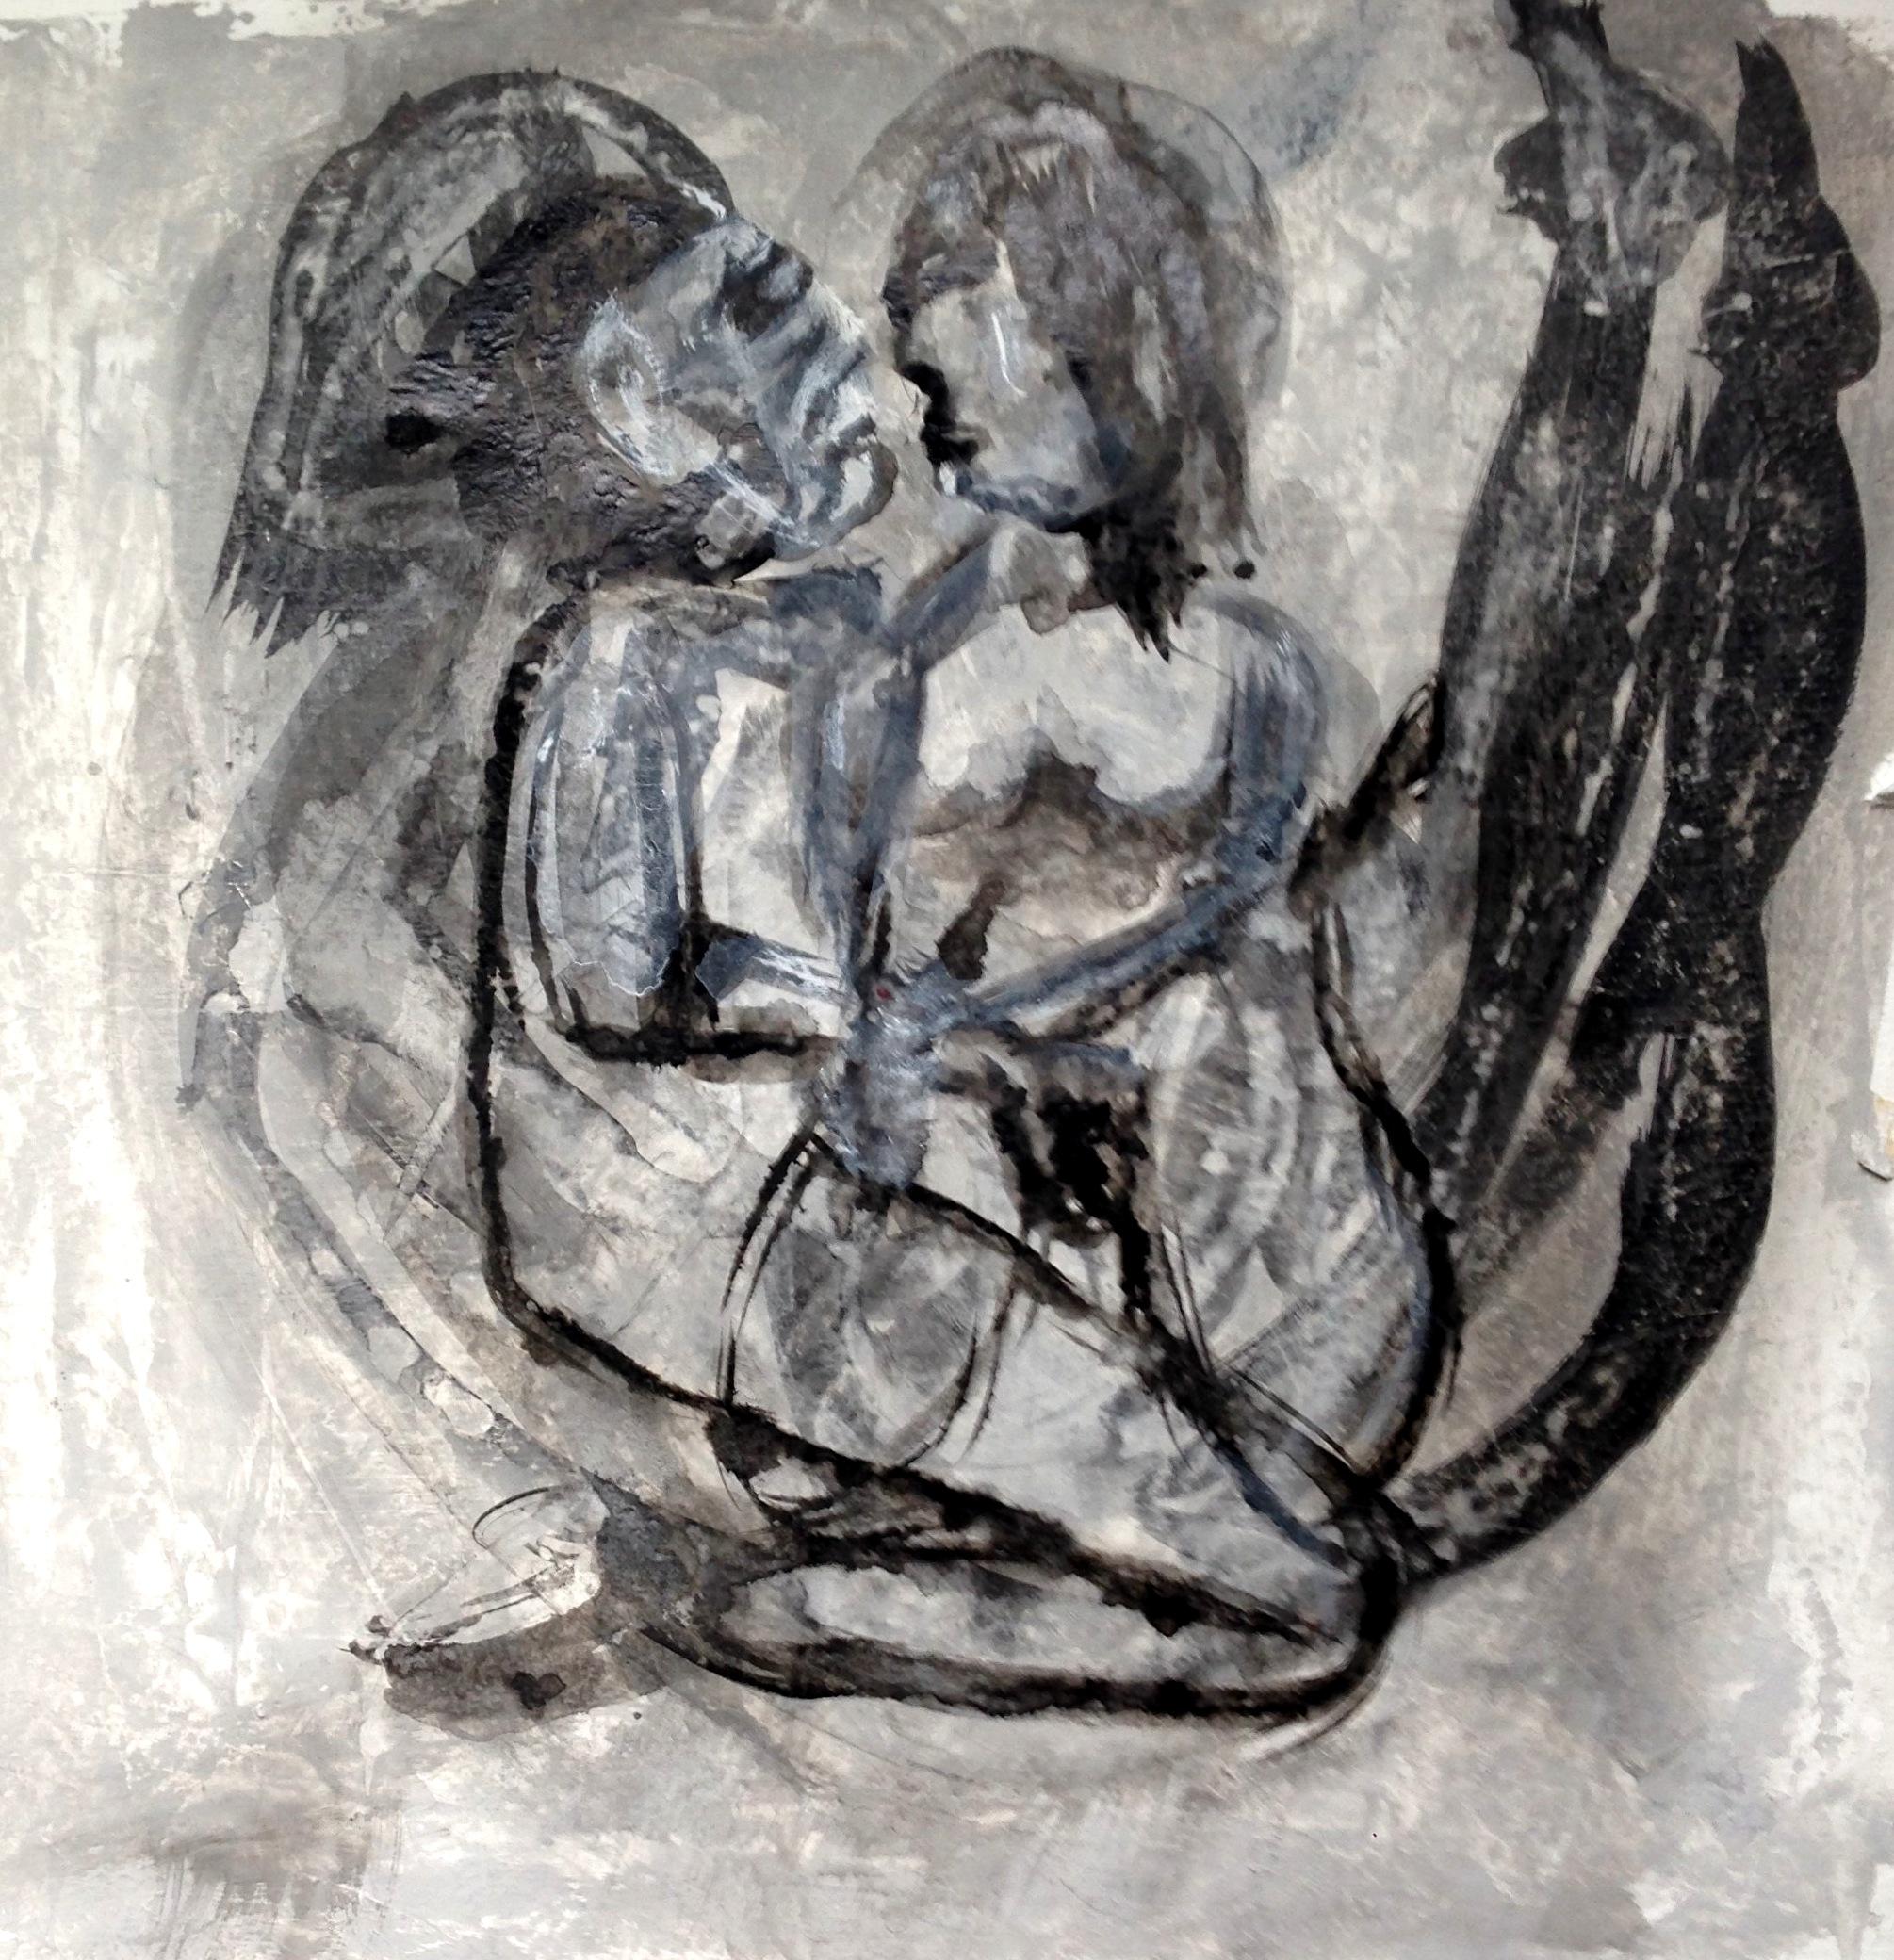 André Clouâtre, Amour physique, 36 x 36 cm (14 x 14''), 2014